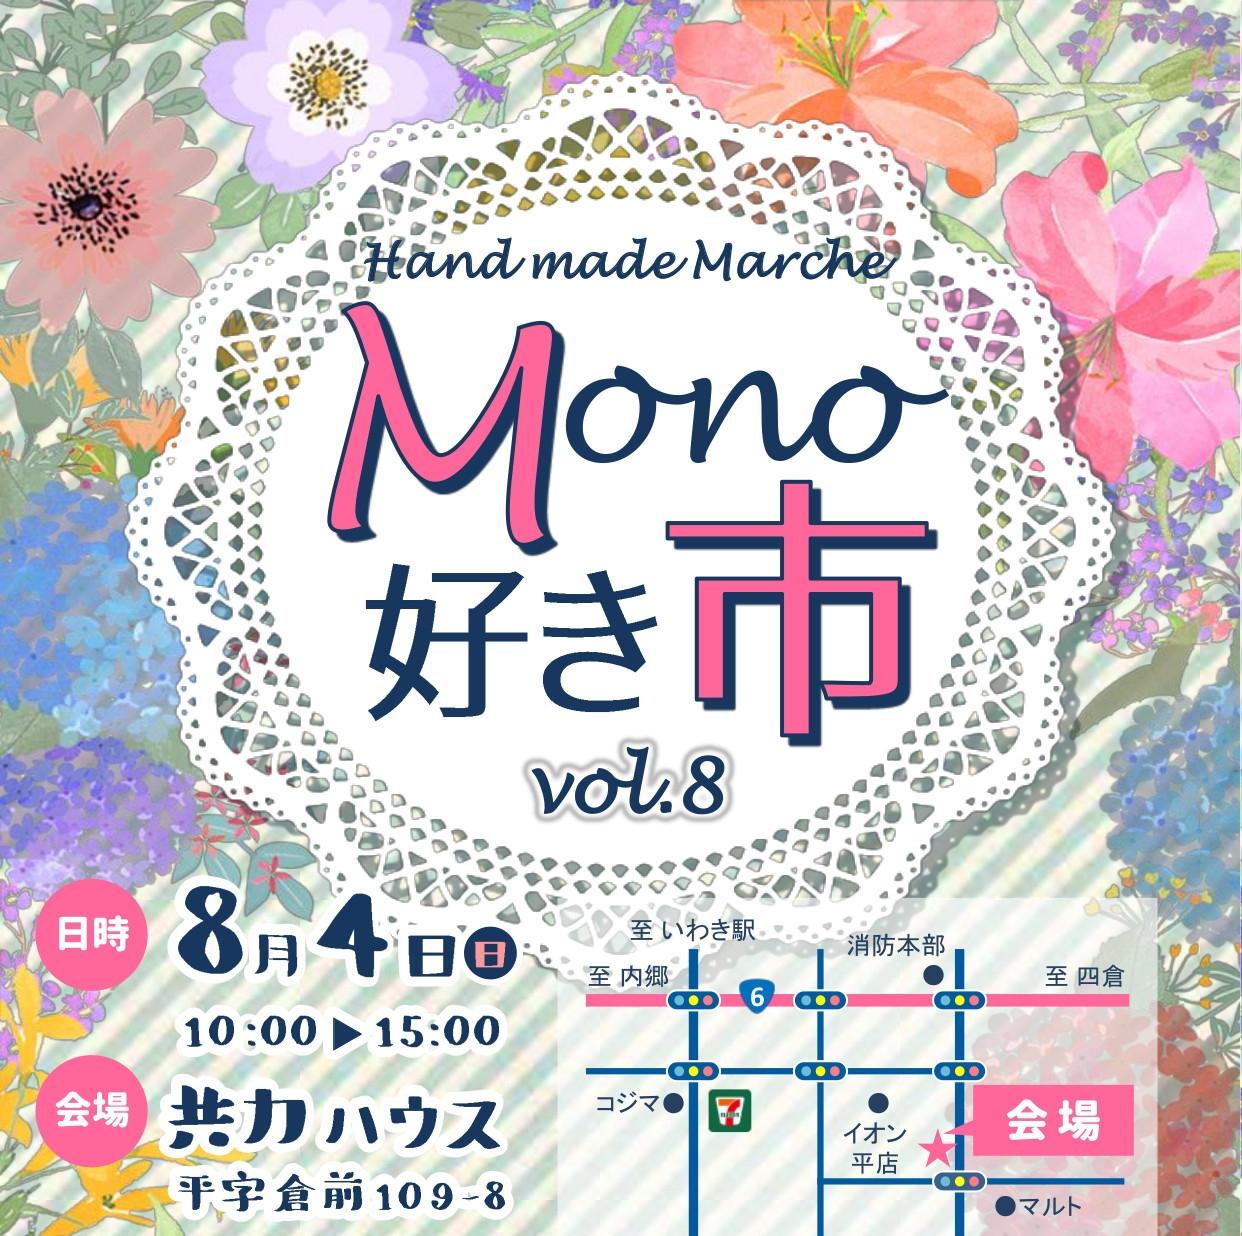 8/4(日)ハンドメイドマルシェMono好き市 vol.8開催!!